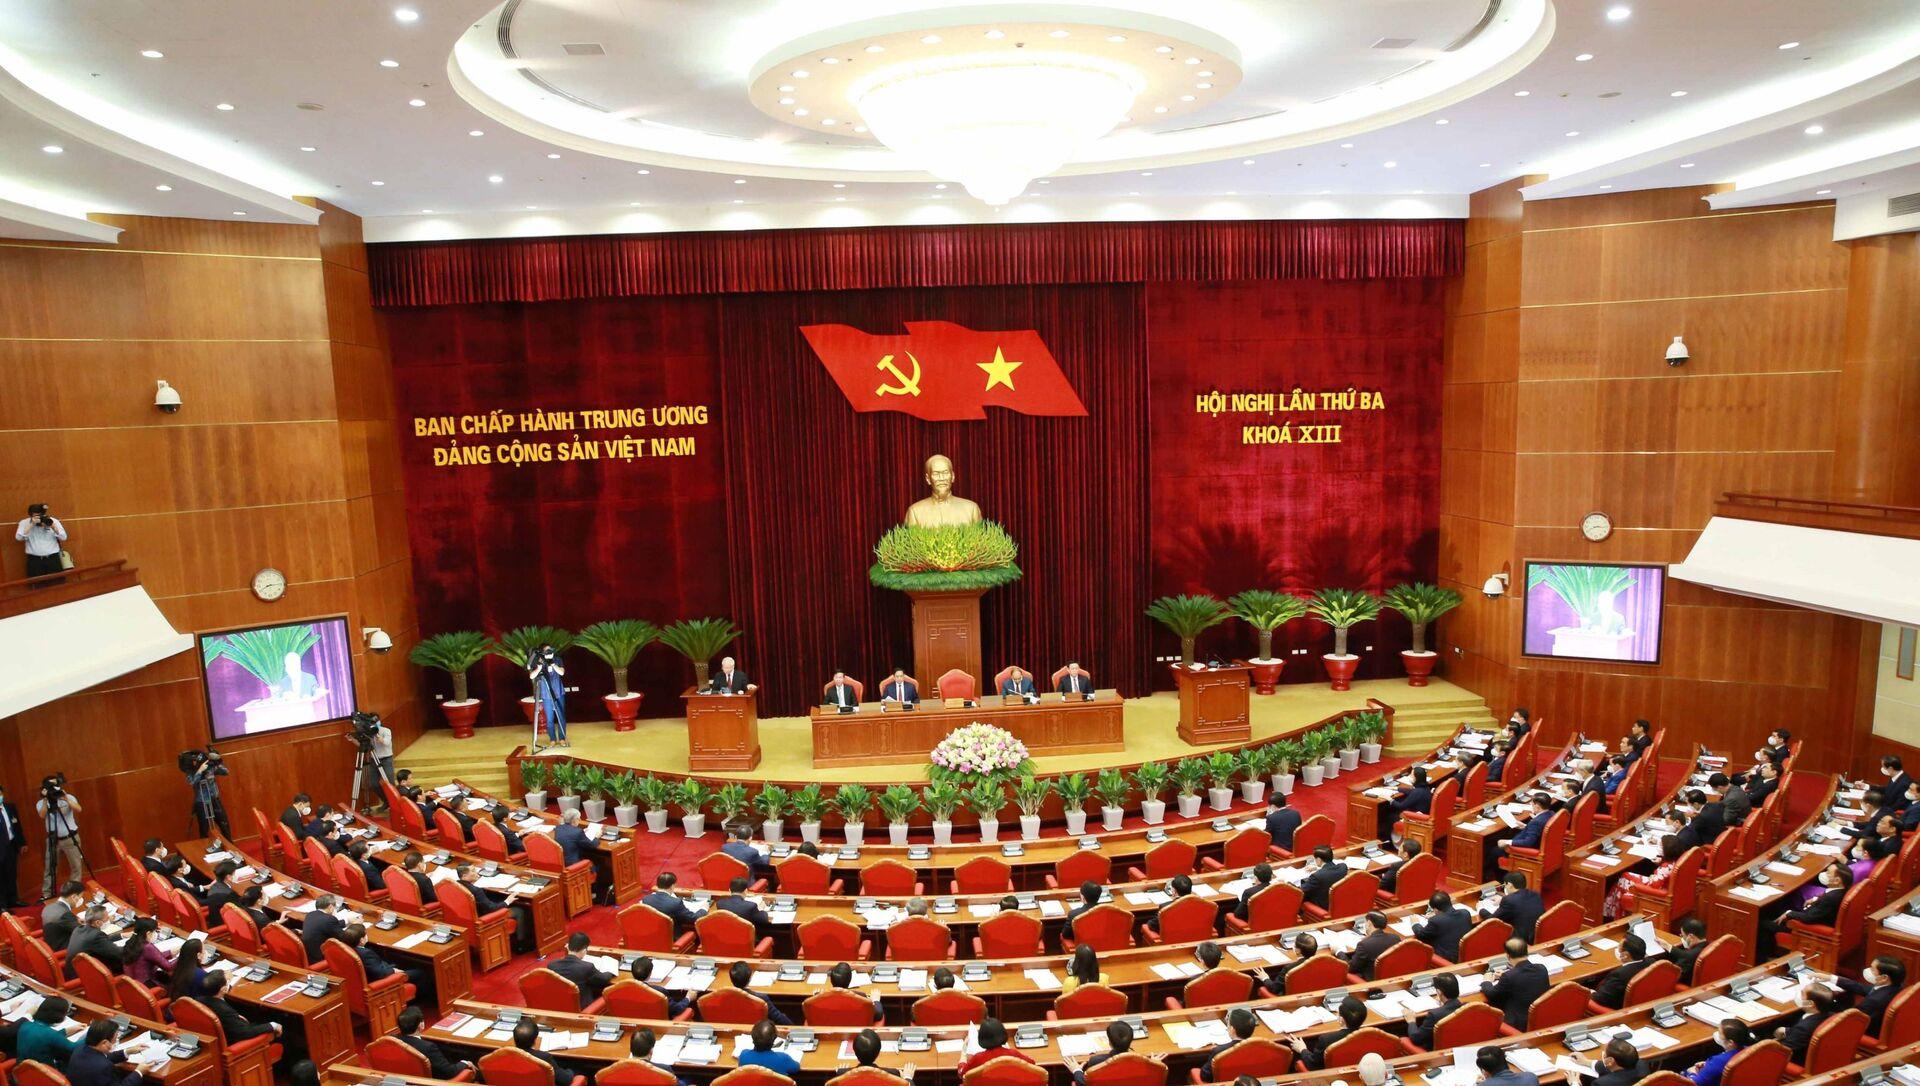 Toàn cảnh khai mạc Hội nghị. - Sputnik Việt Nam, 1920, 07.07.2021